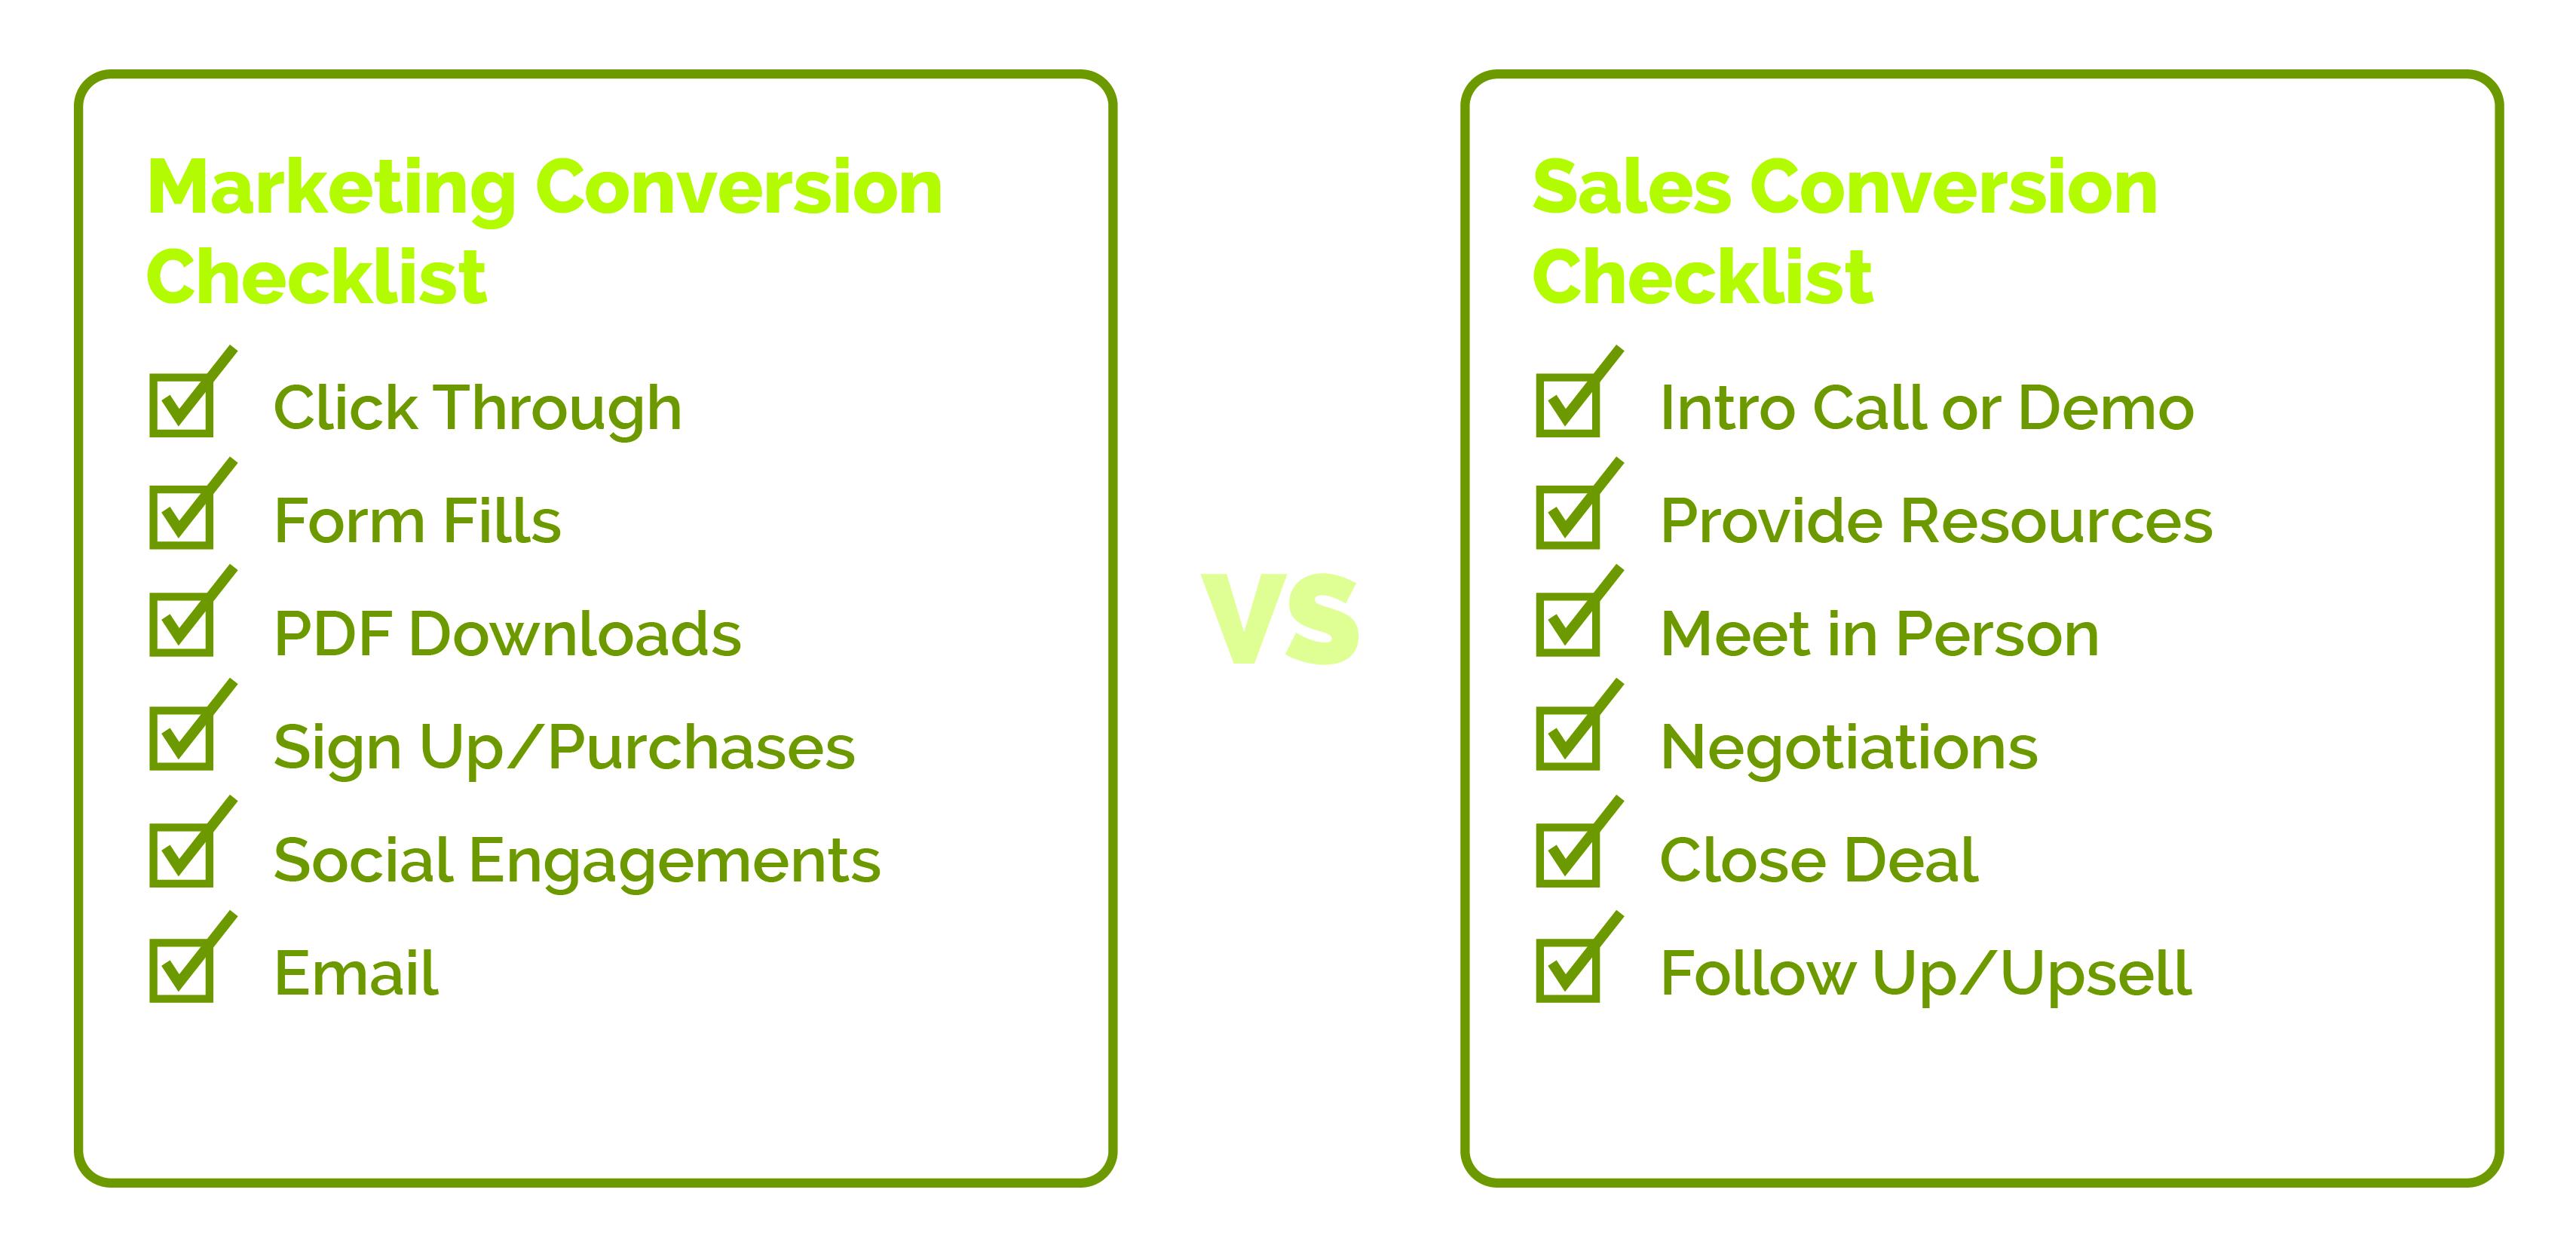 Measuring Results - Checklist Comparison